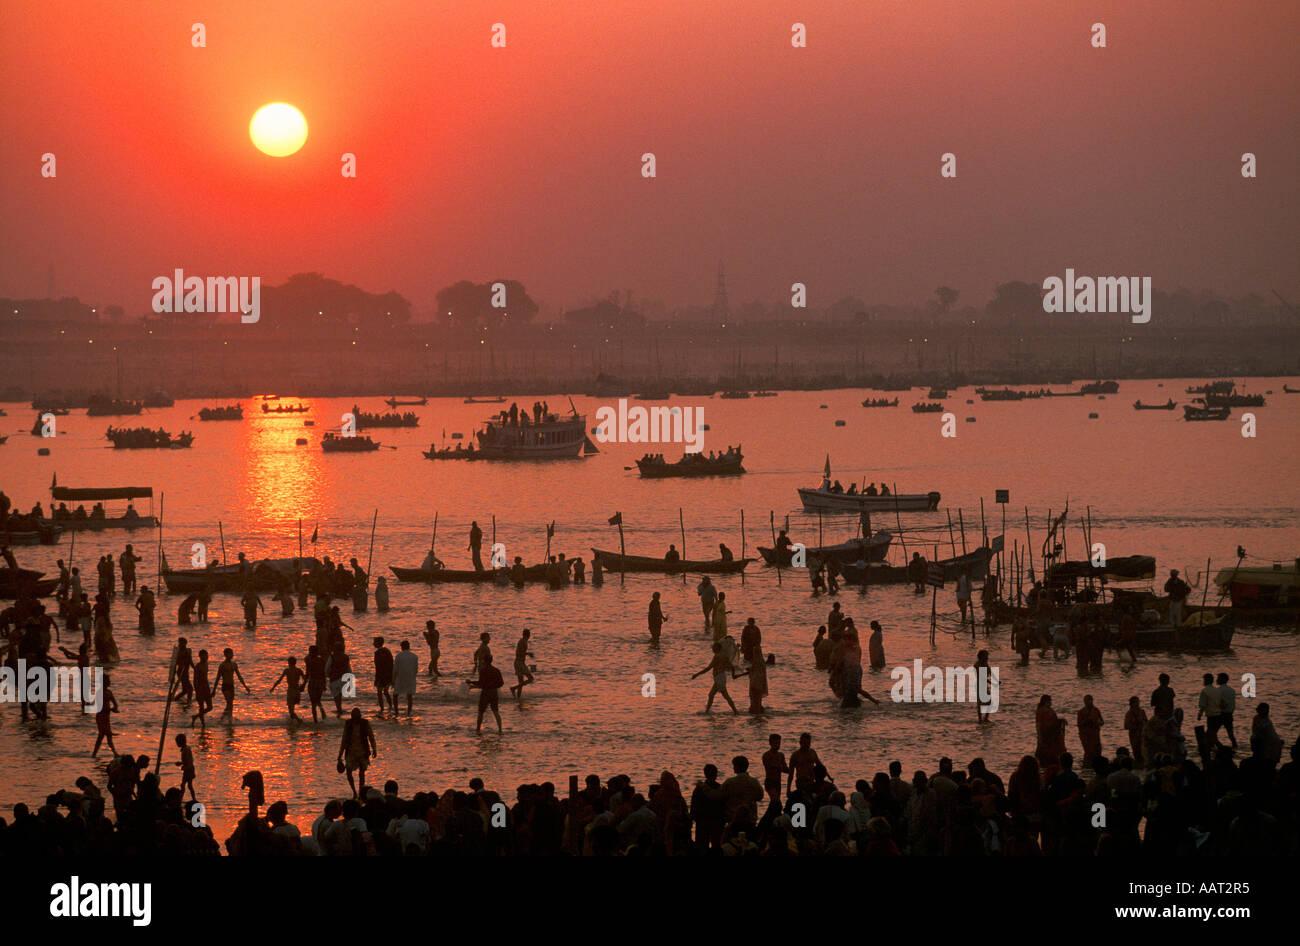 L'INDE Kumbh Mela 2001 LE SOLEIL SE COUCHE SUR LA KUMBH MELA LE PLUS GRAND RASSEMBLEMENT DE GENS RÉUNIS SUR LA TERRE 2001 Banque D'Images